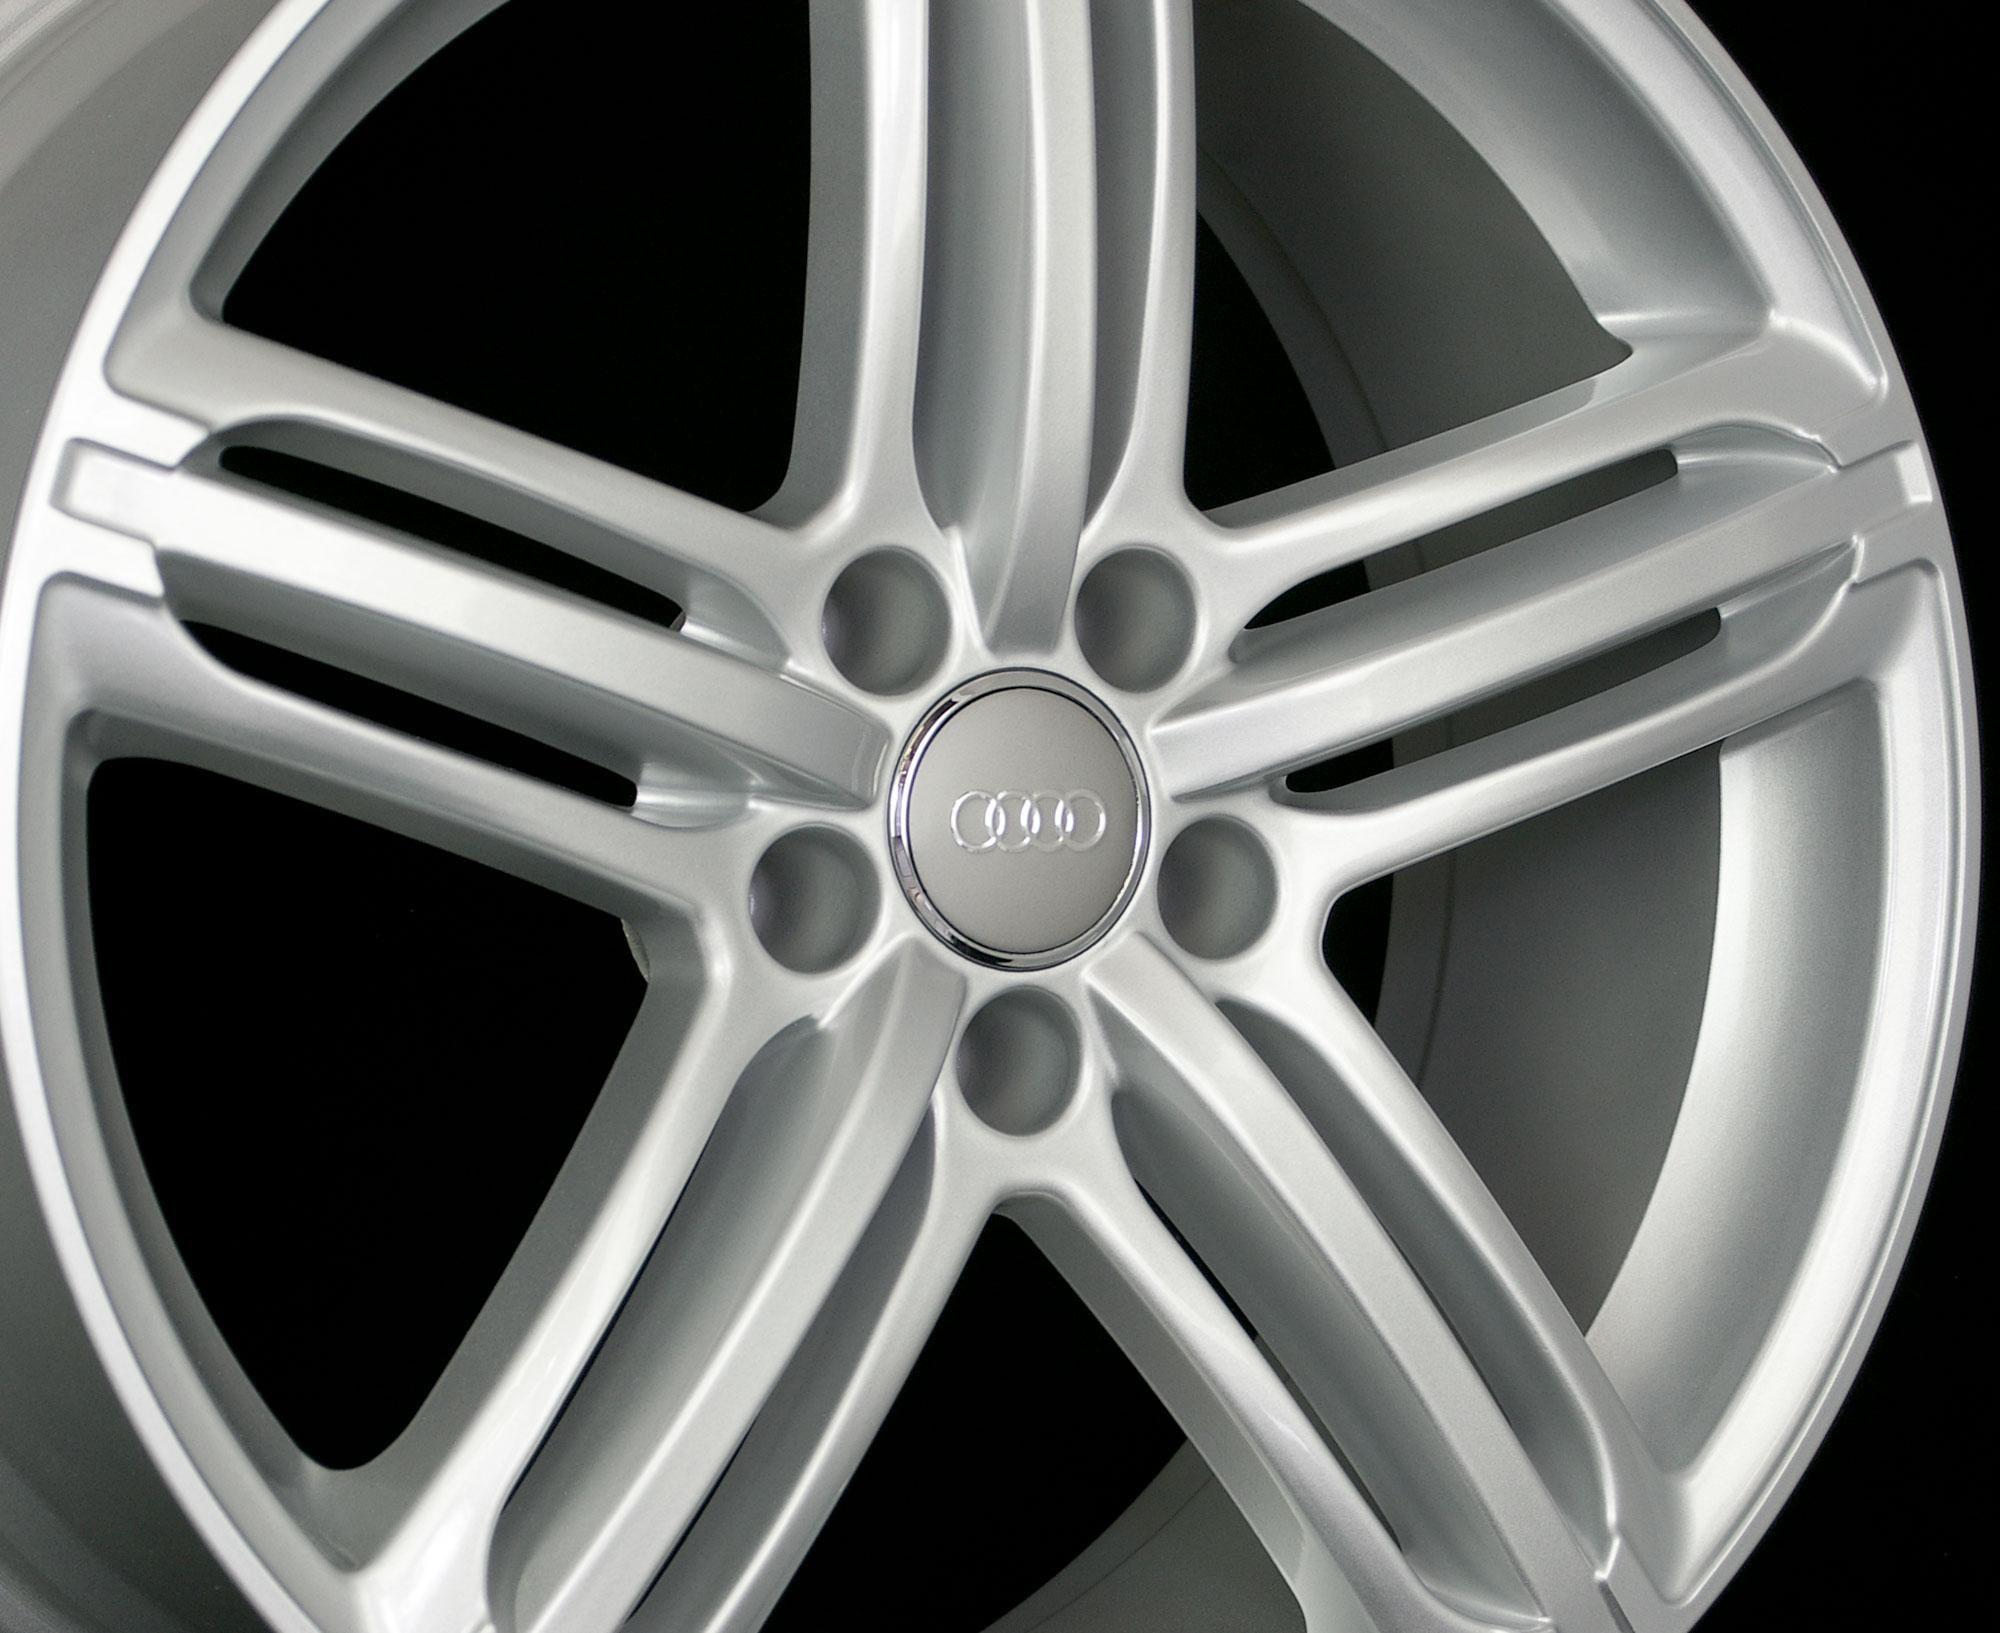 19 s Line Matte Black Wheels Rims Fit Audi S4 S5 A4 A5 A6 A7 A8 Brand